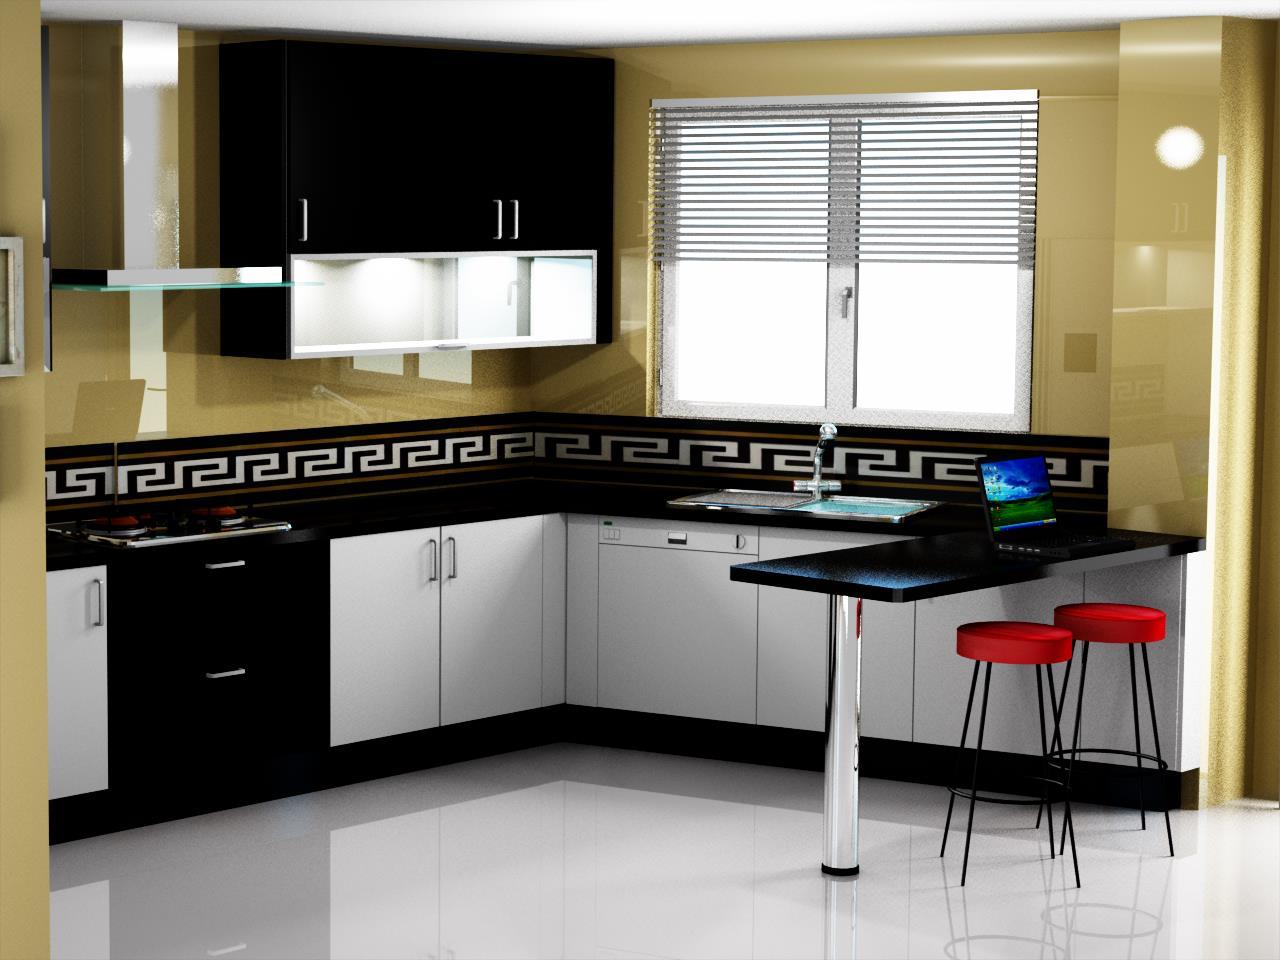 Dise o de cocina con muebles hasta el techo - Fp de cocina ...